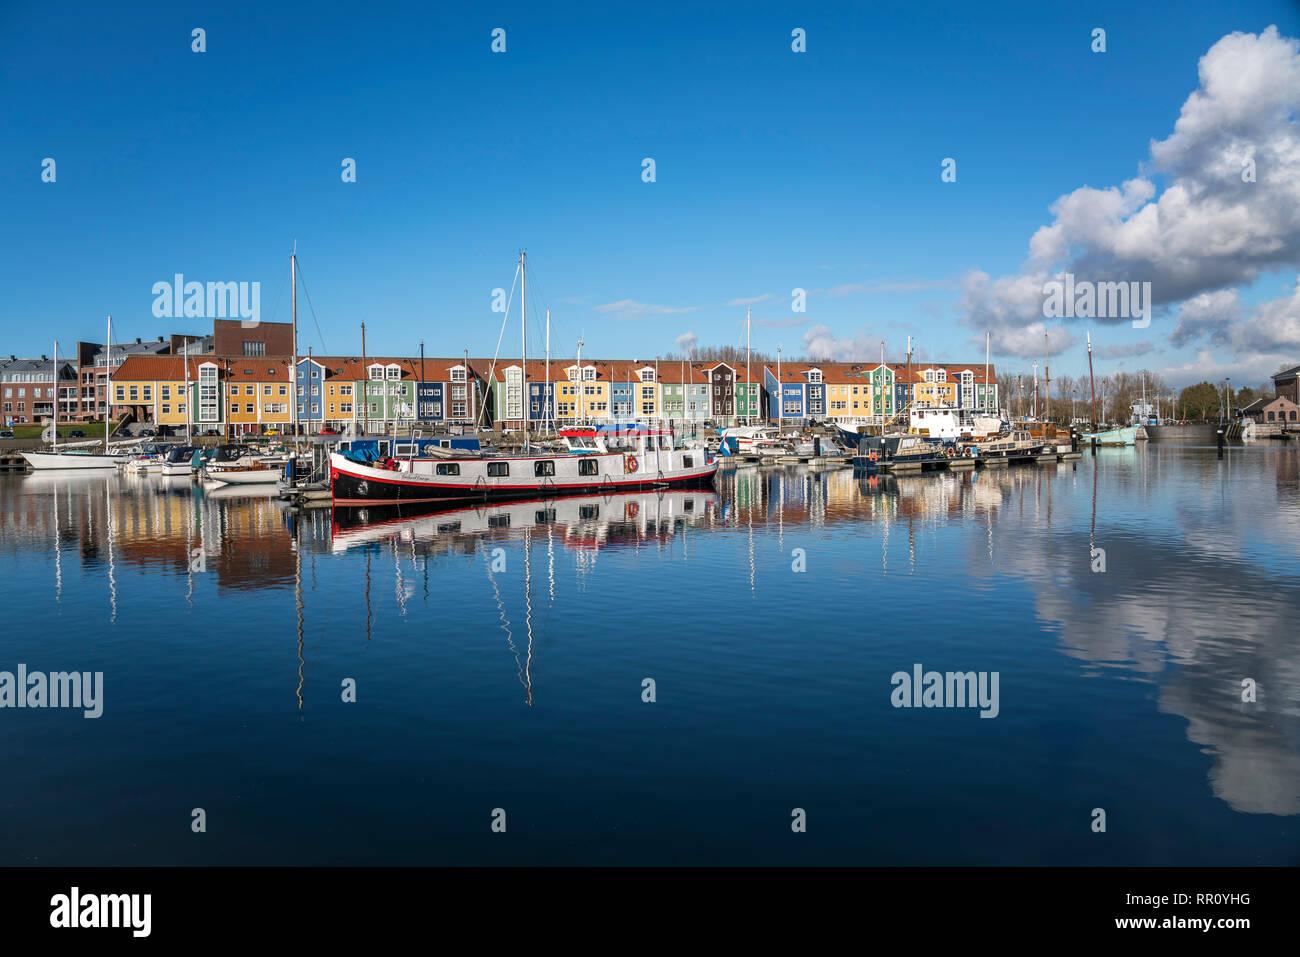 Hafen und bunte Häuser in Hellevoetsluis, Südholland, Niederlande  |  harbour and colourful homes  in Hellevoetsluis, South Holland, Netherlands Stock Photo